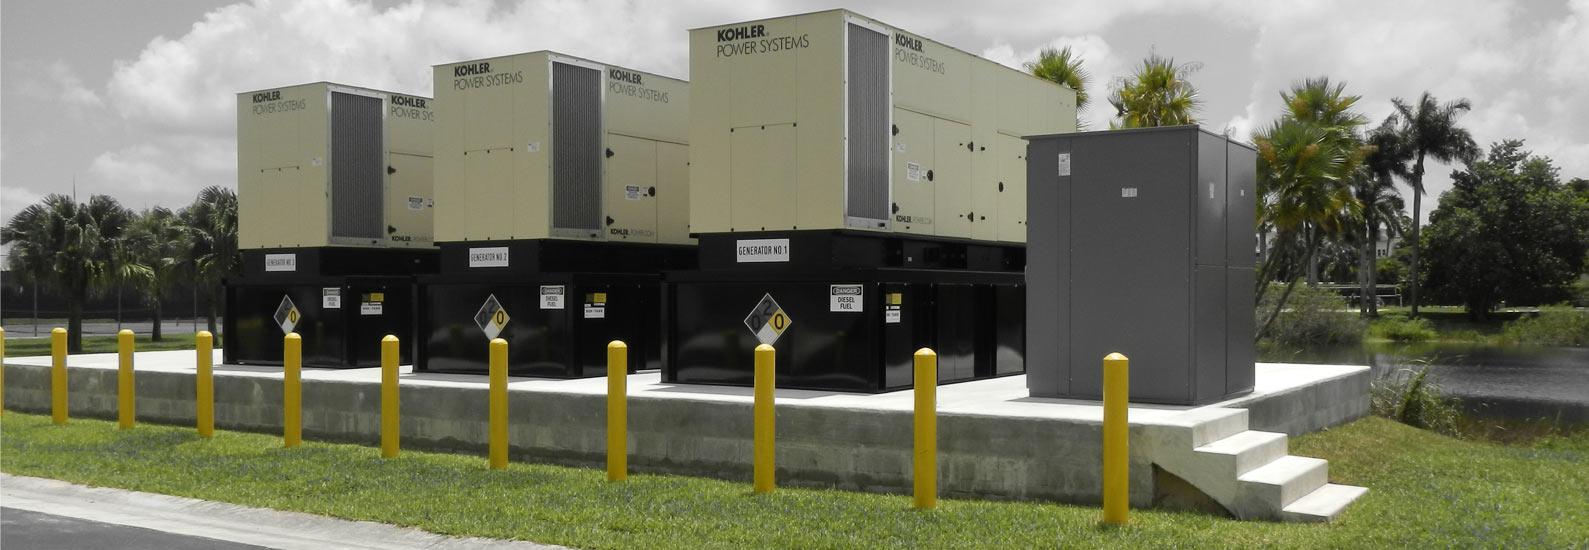 Kohler Power Systems Generator Install